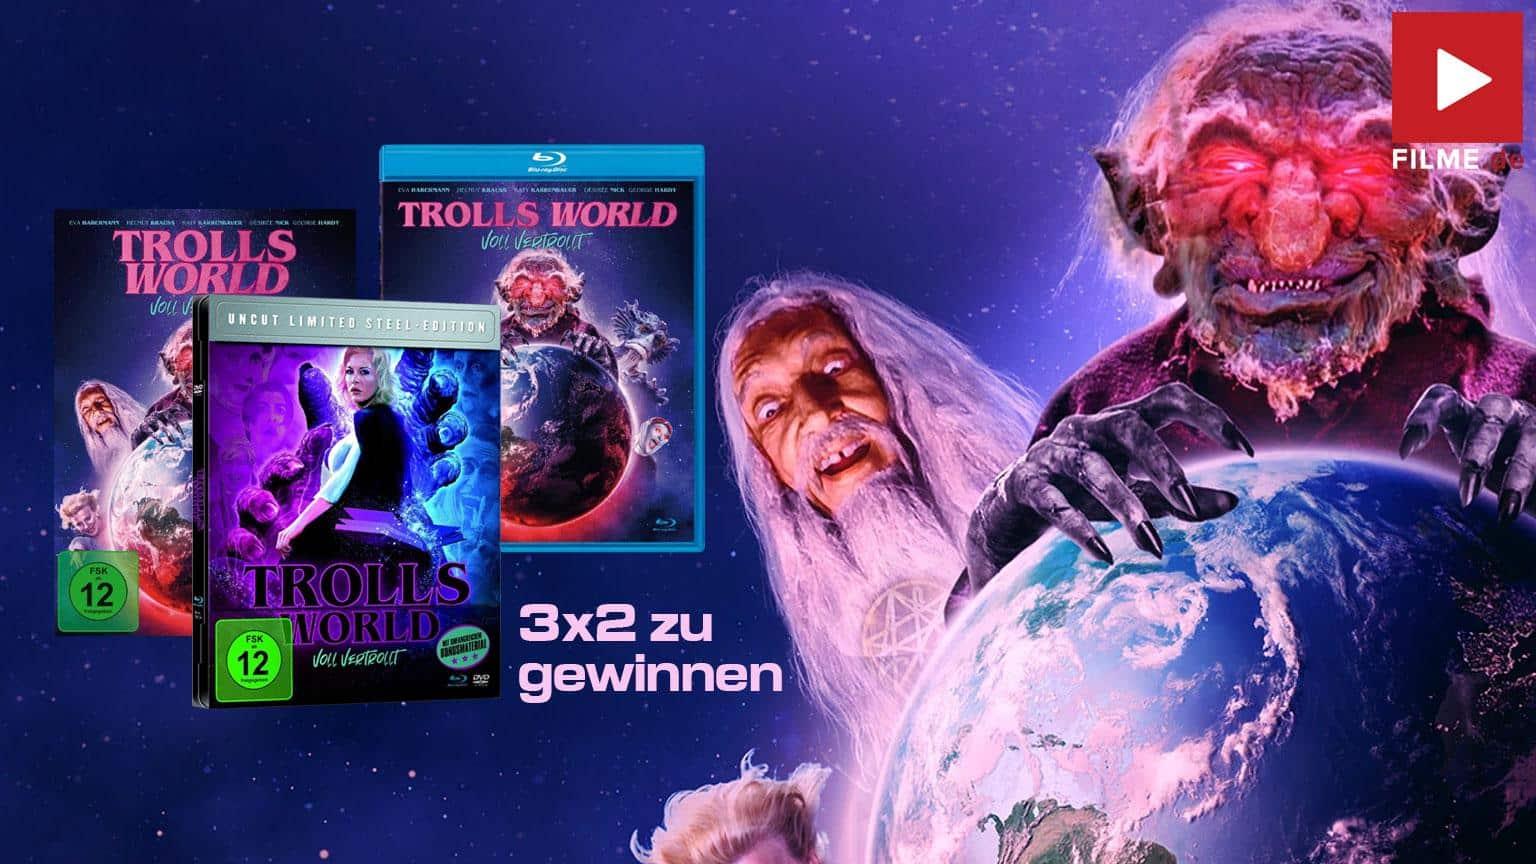 Trolls World - Voll vertrollt (uncut Version) [Blu-ray] Gewinnspiel gewinnen Steelbook Blu-ray DVD Shop kaufen Artikelbild